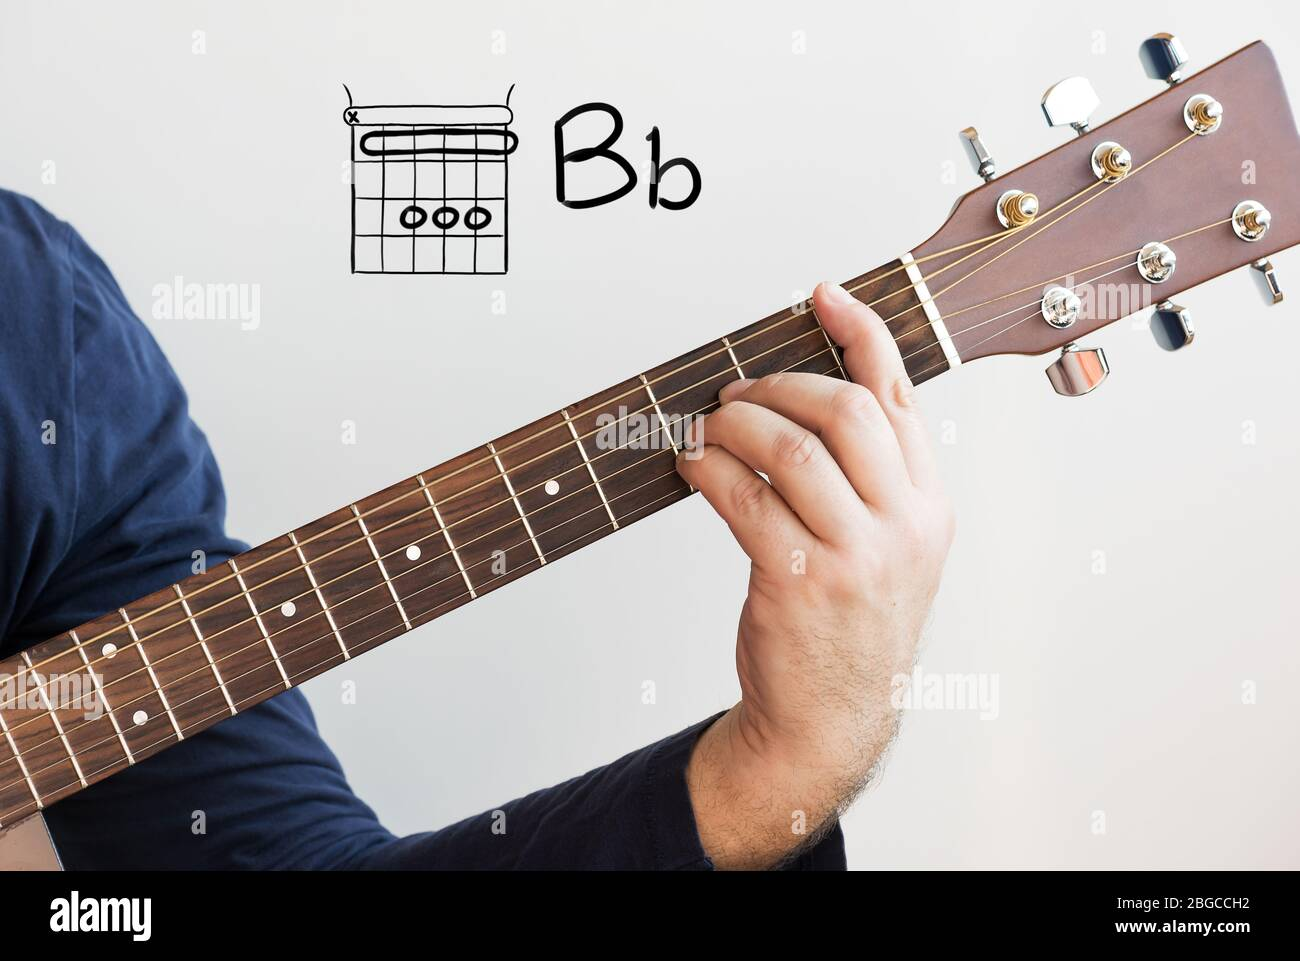 Learn Guitar   Mann in einem dunkelblauen Hemd spielen ...